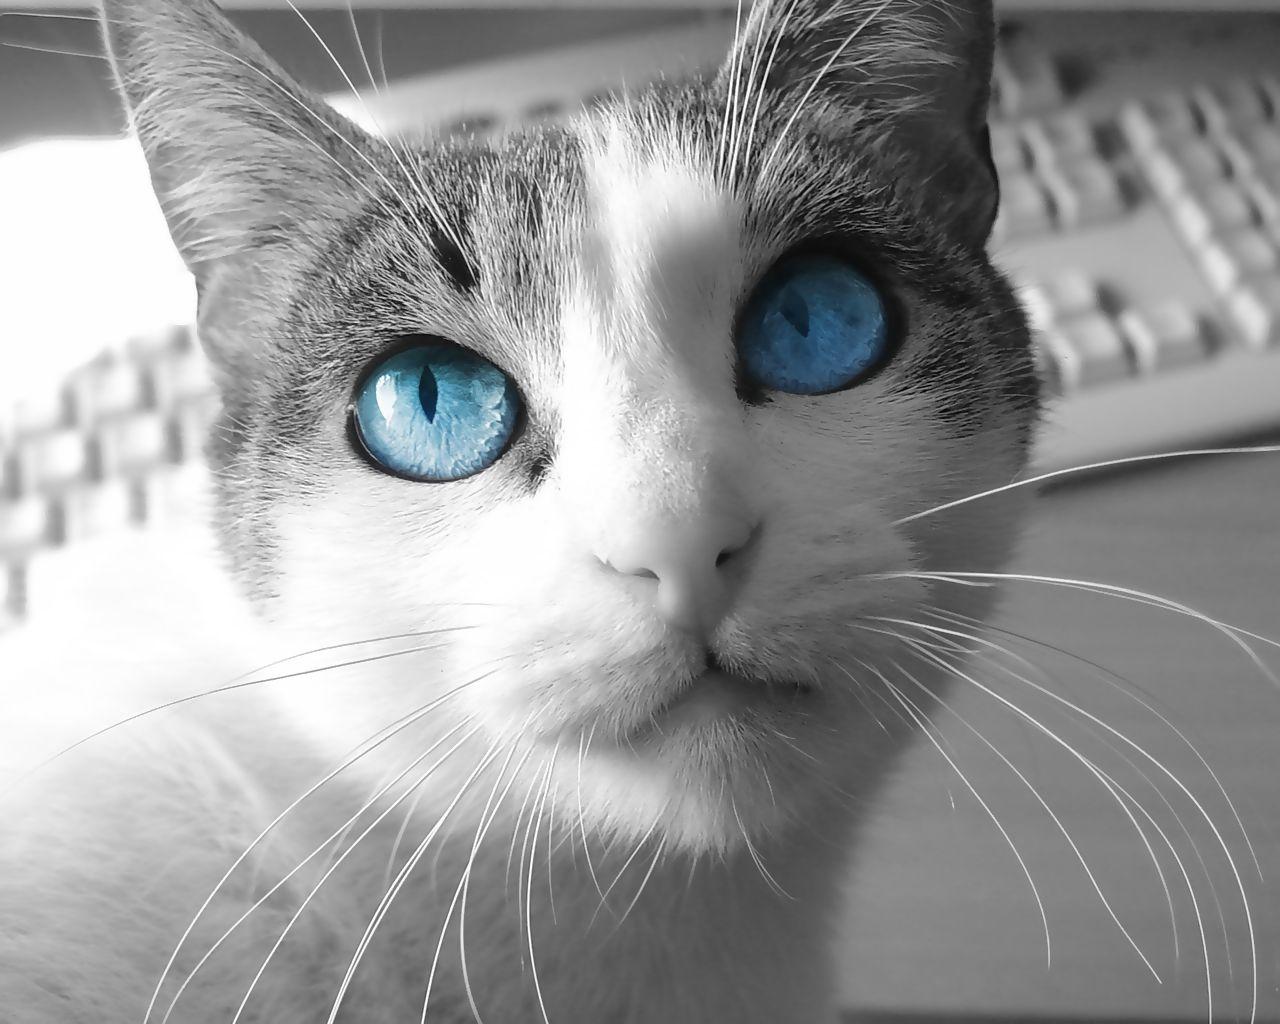 かっこいい猫画像まとめ30選 ねこマイスター